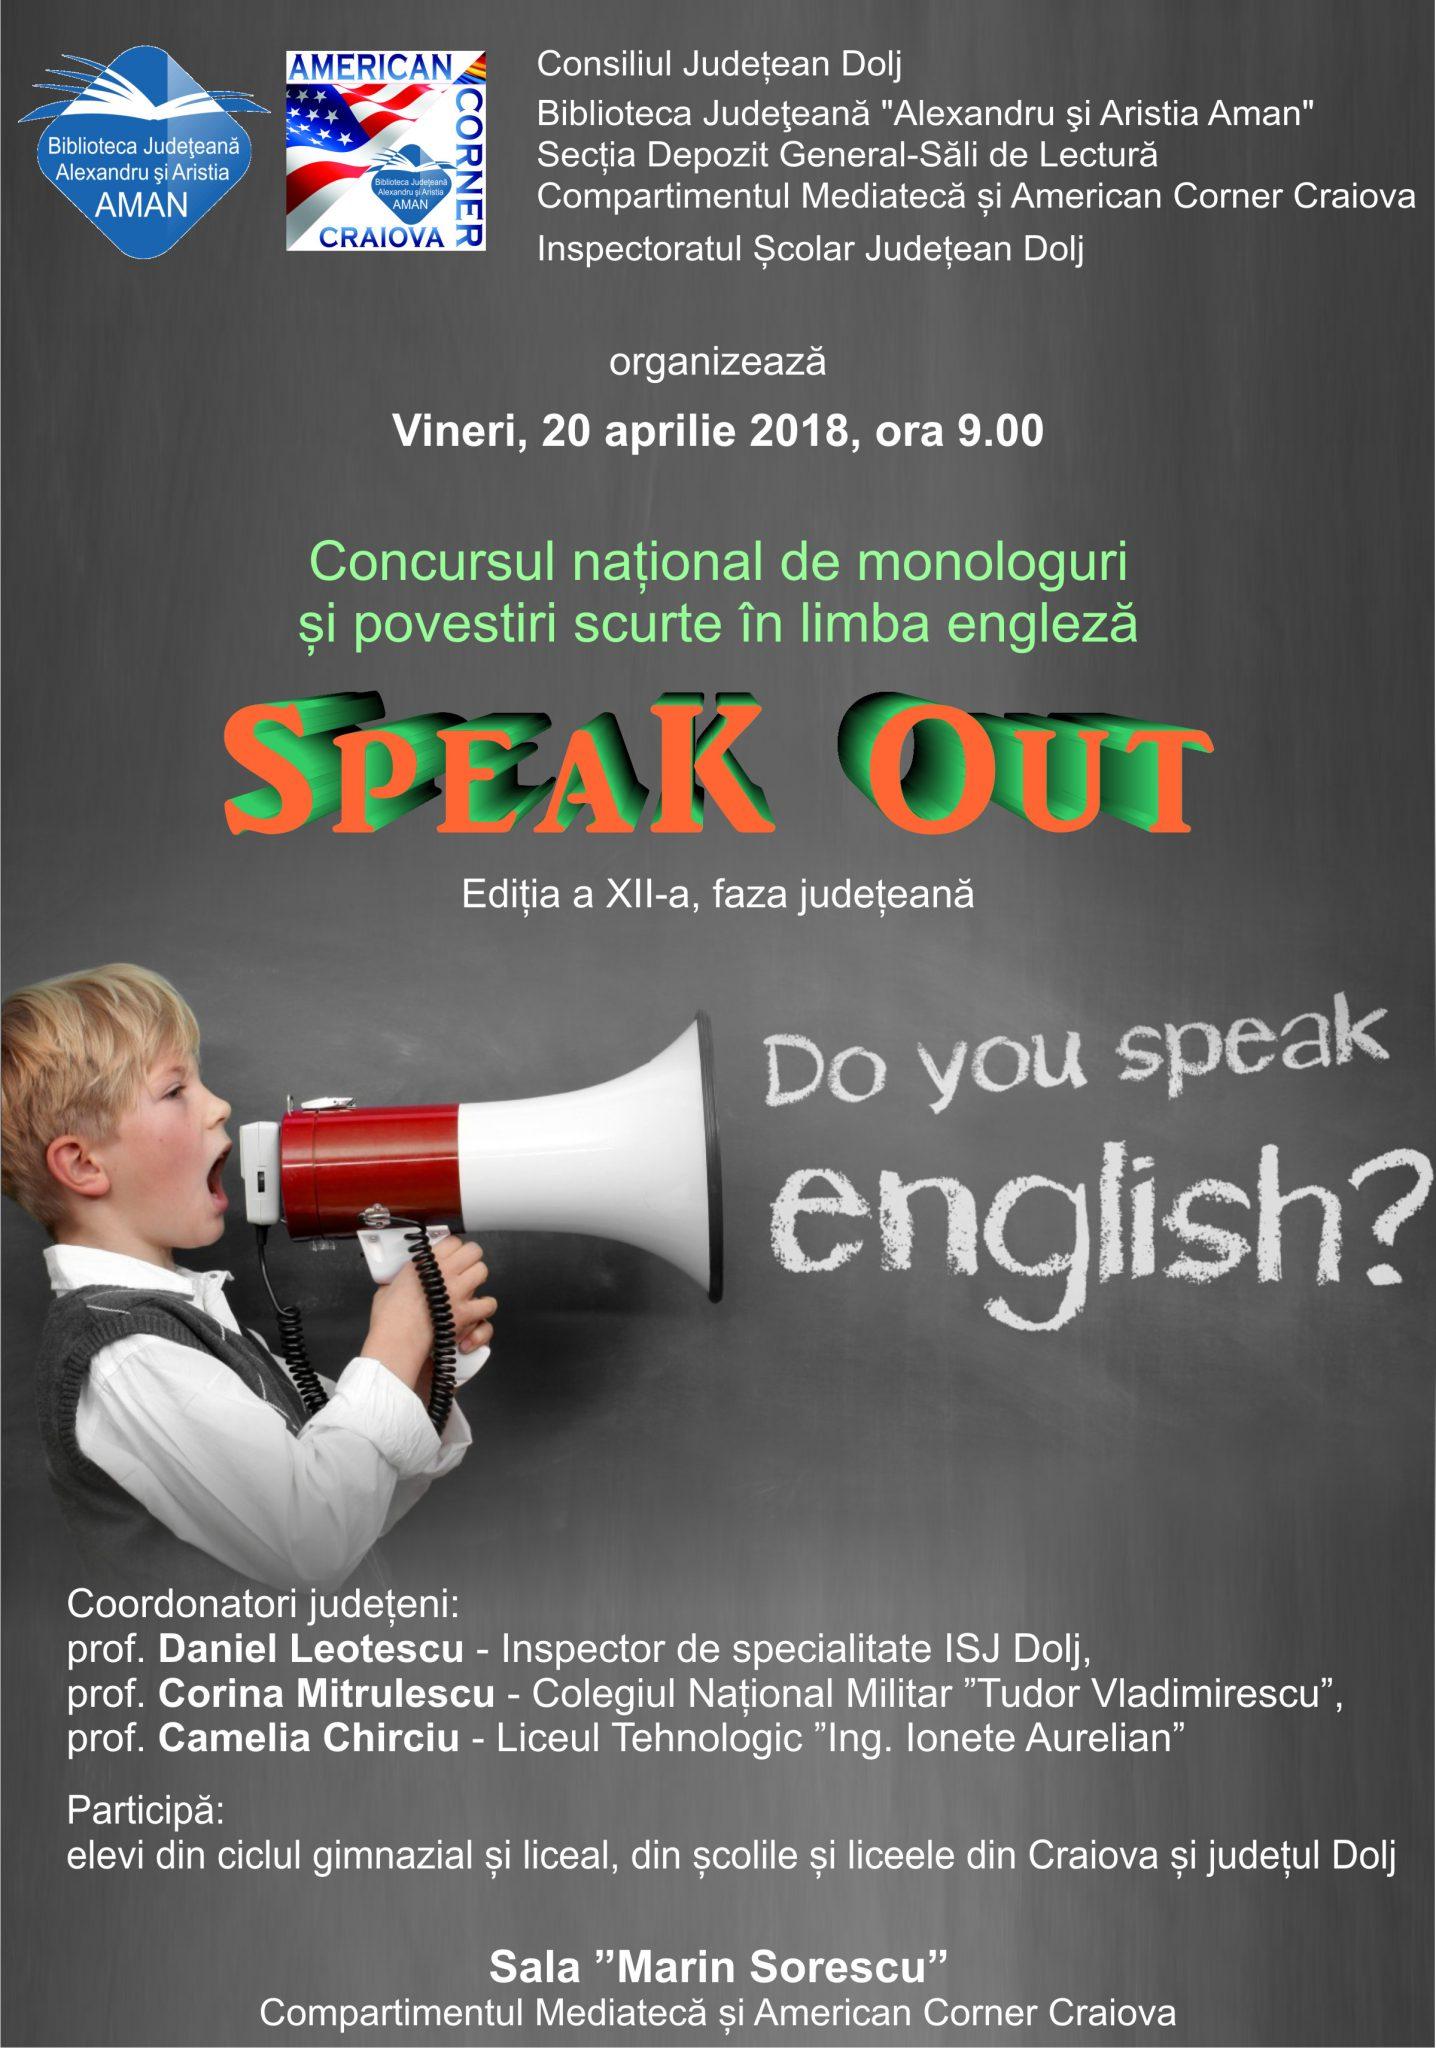 Concursul național de monologuri și povestiri scurte în limba engleză, faza județeană, la Biblioteca Aman